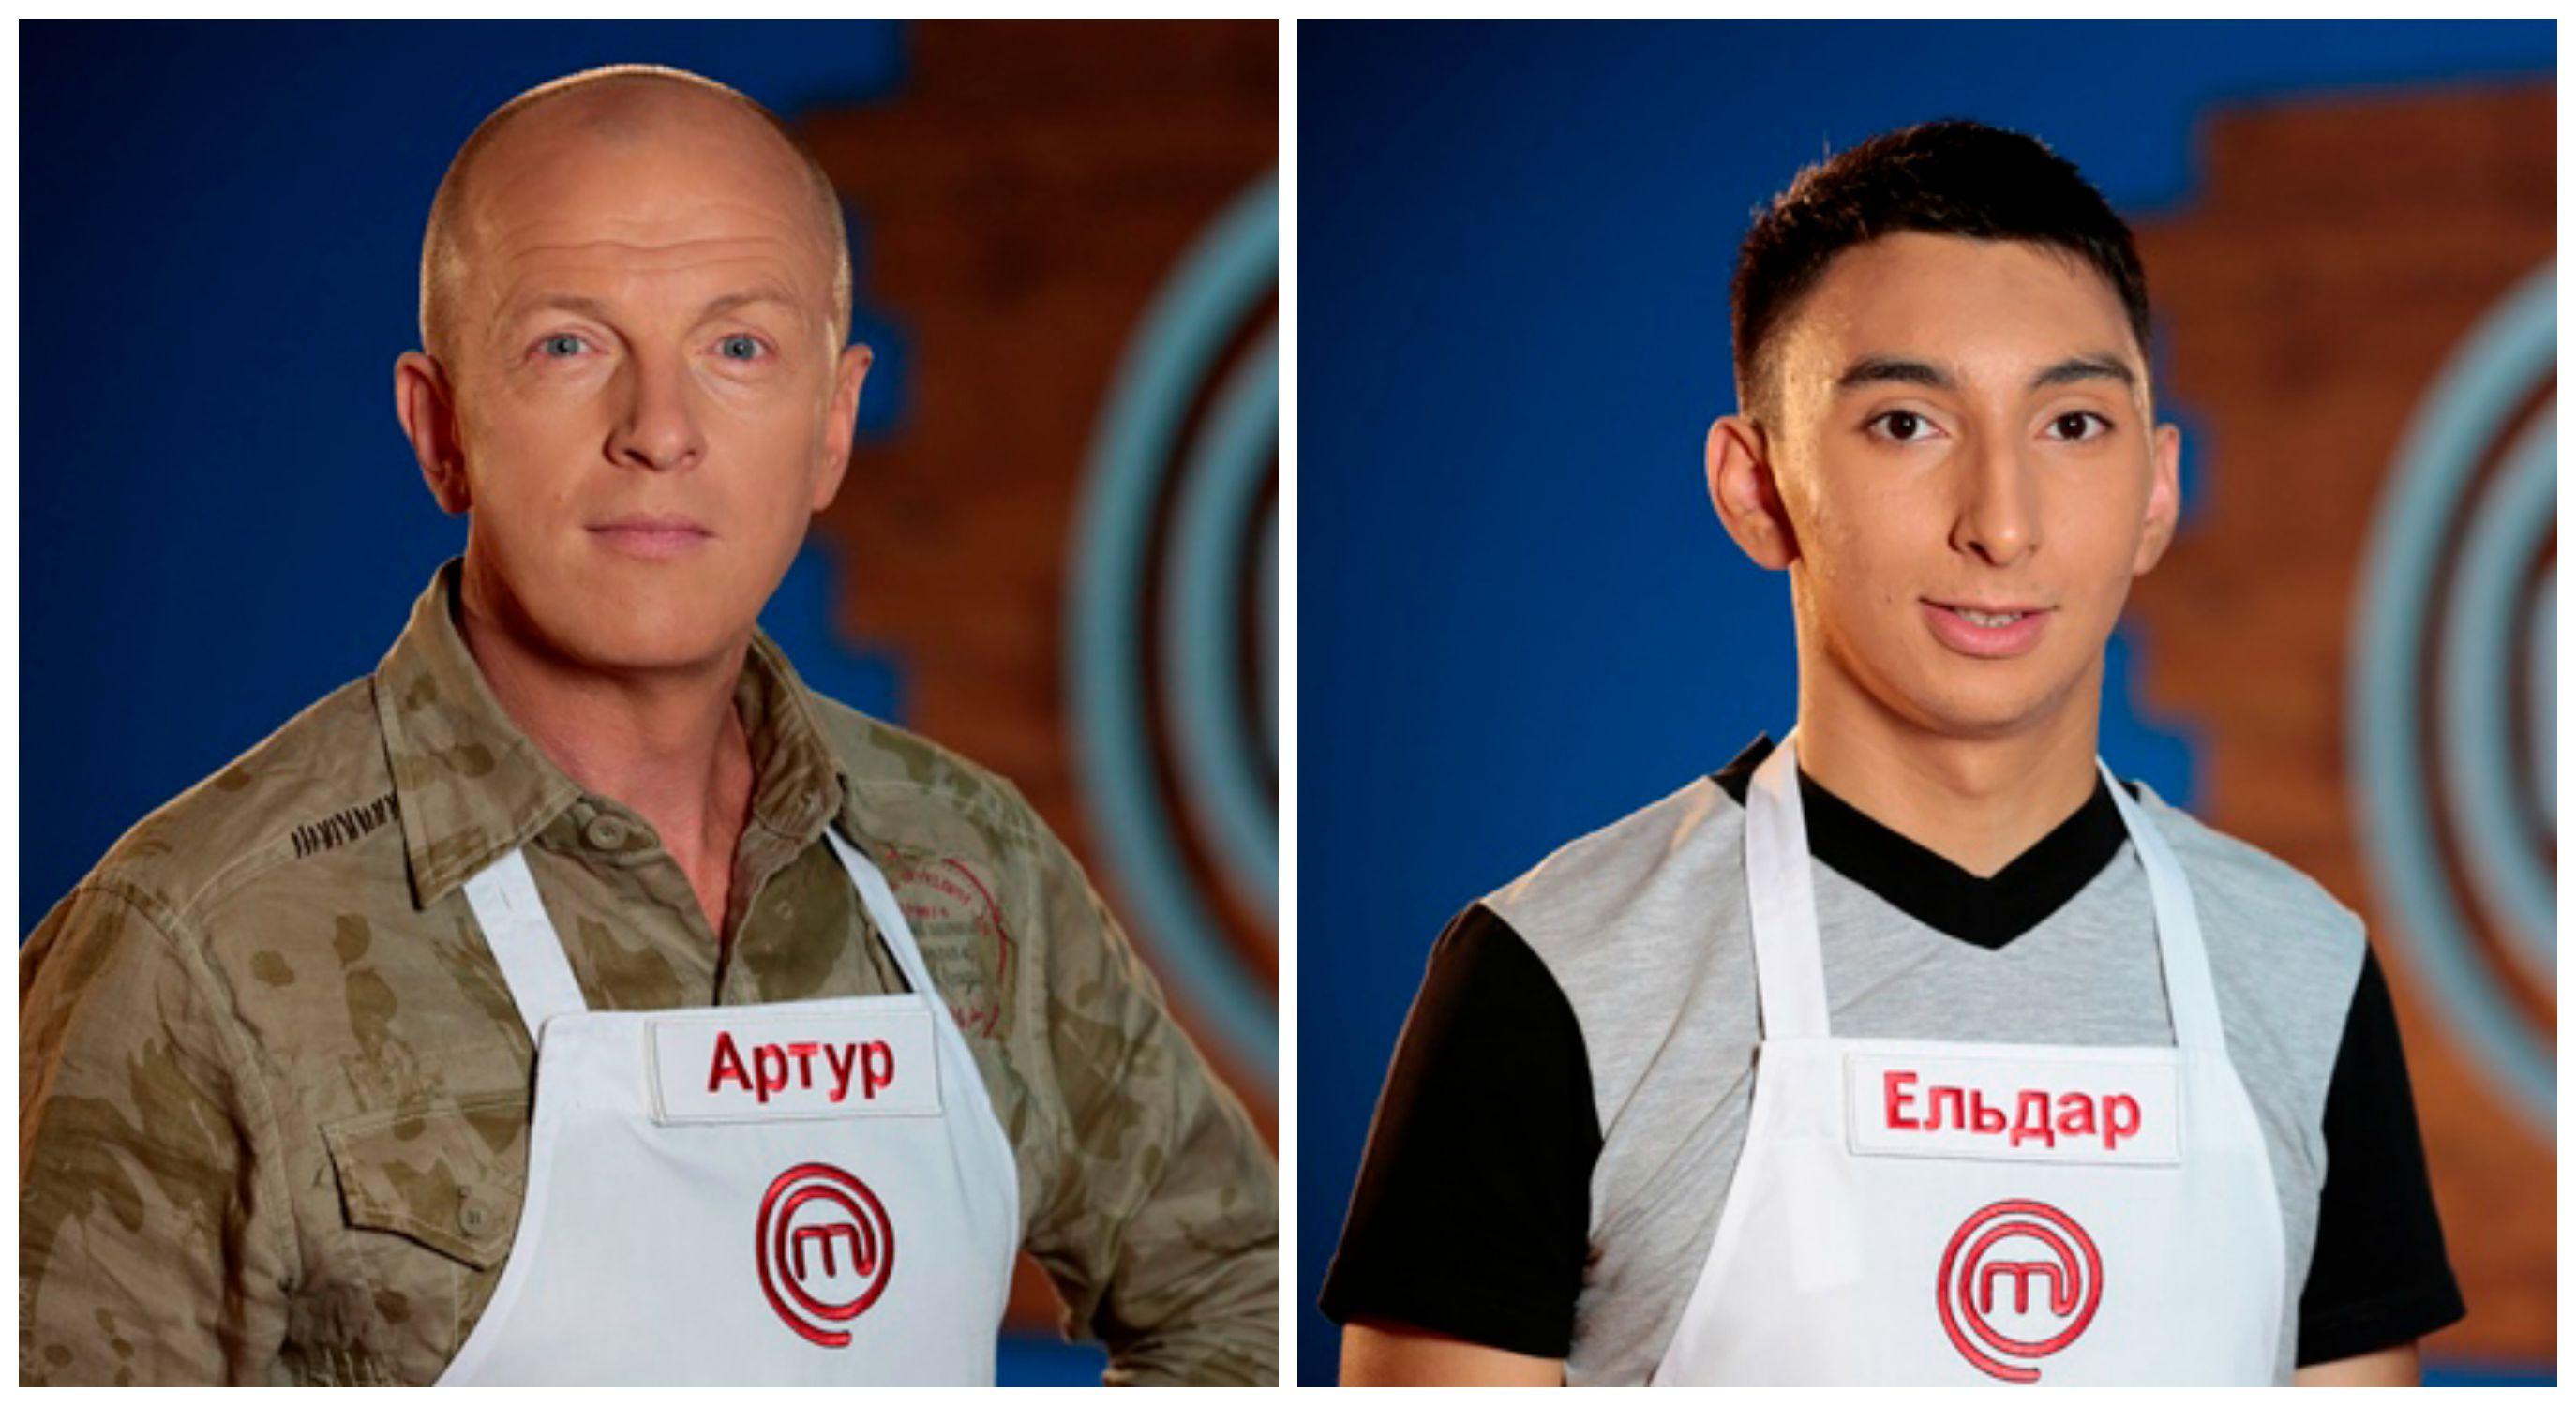 МастерШеф 5 сезон онлайн: В третьем выпуске шоу покинули Артур Хаустов и Эльдар Волонтьоров (справа)